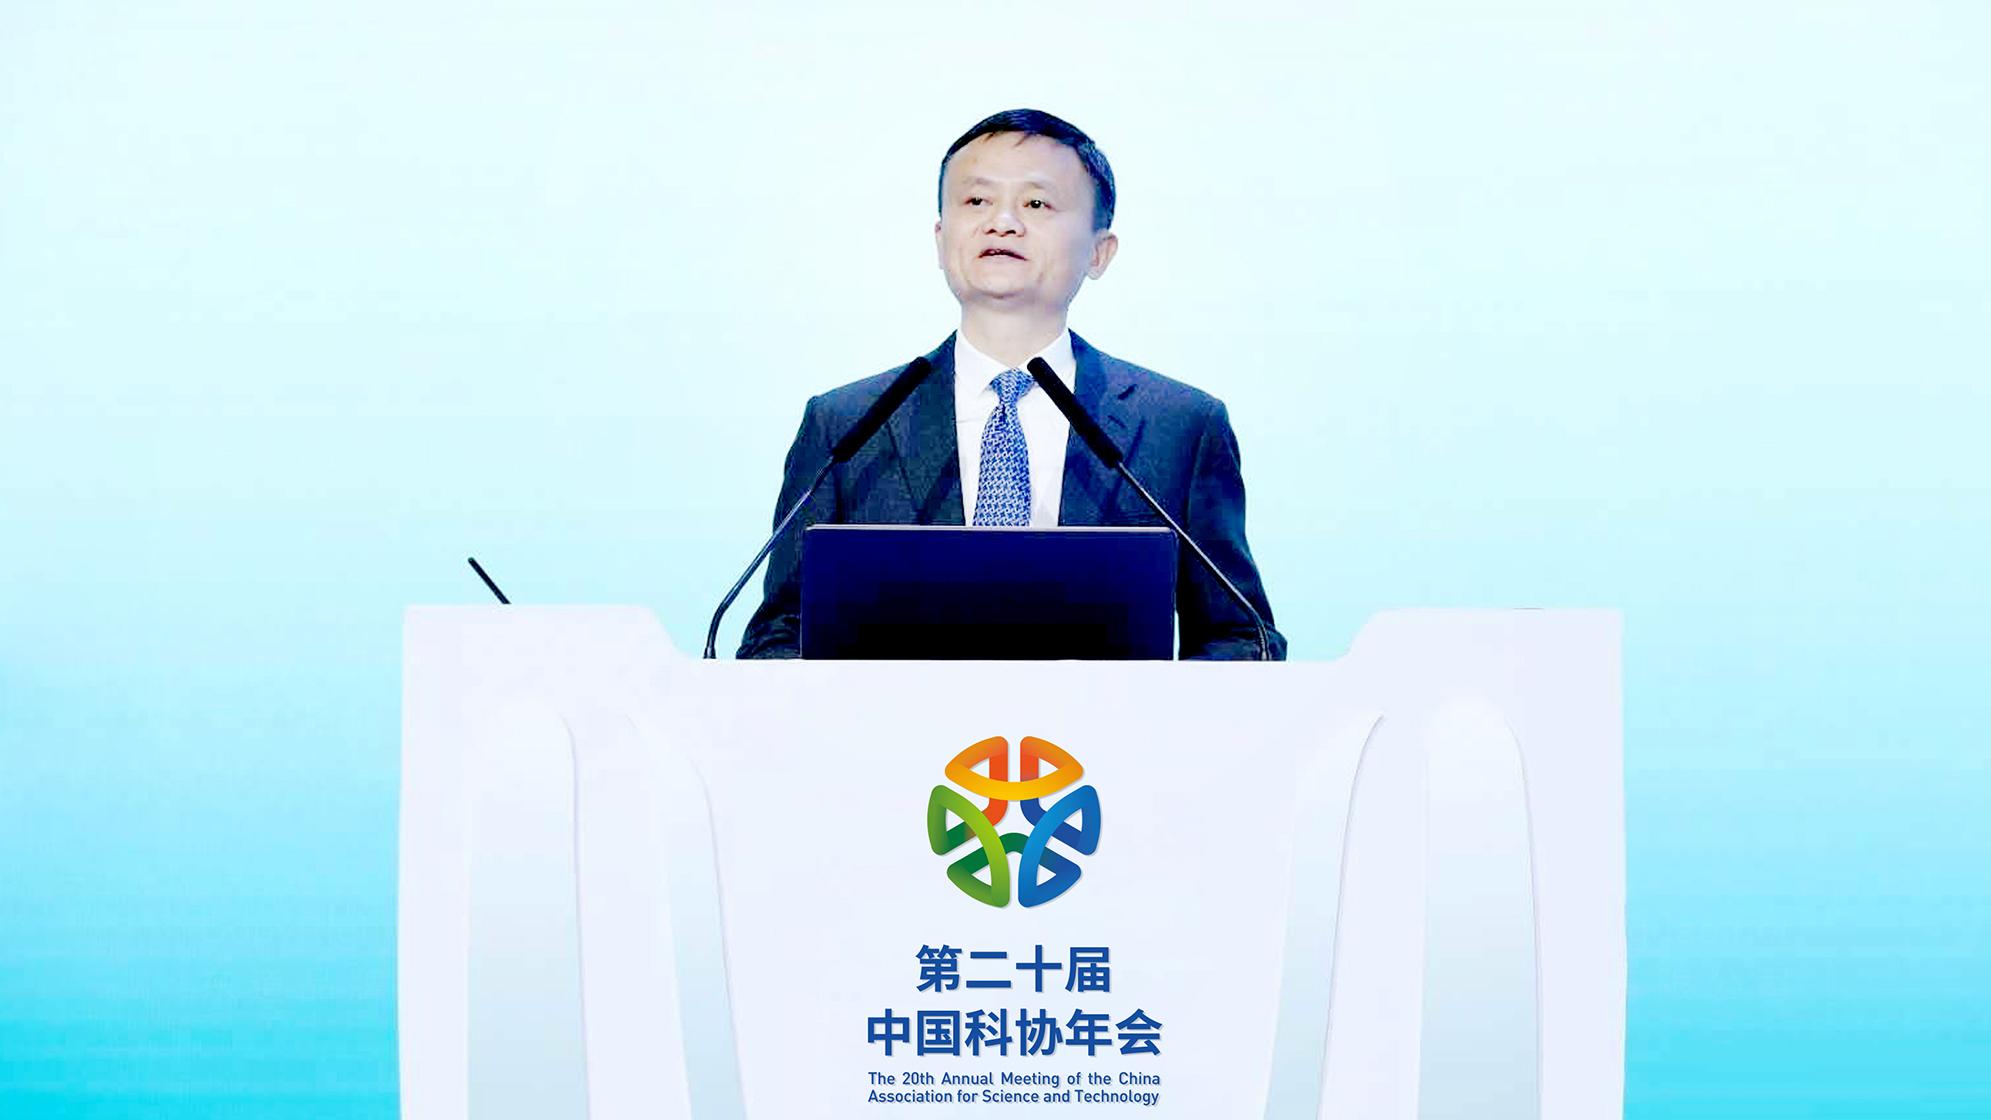 政府组织品牌设计中国科协年会LOGO设计